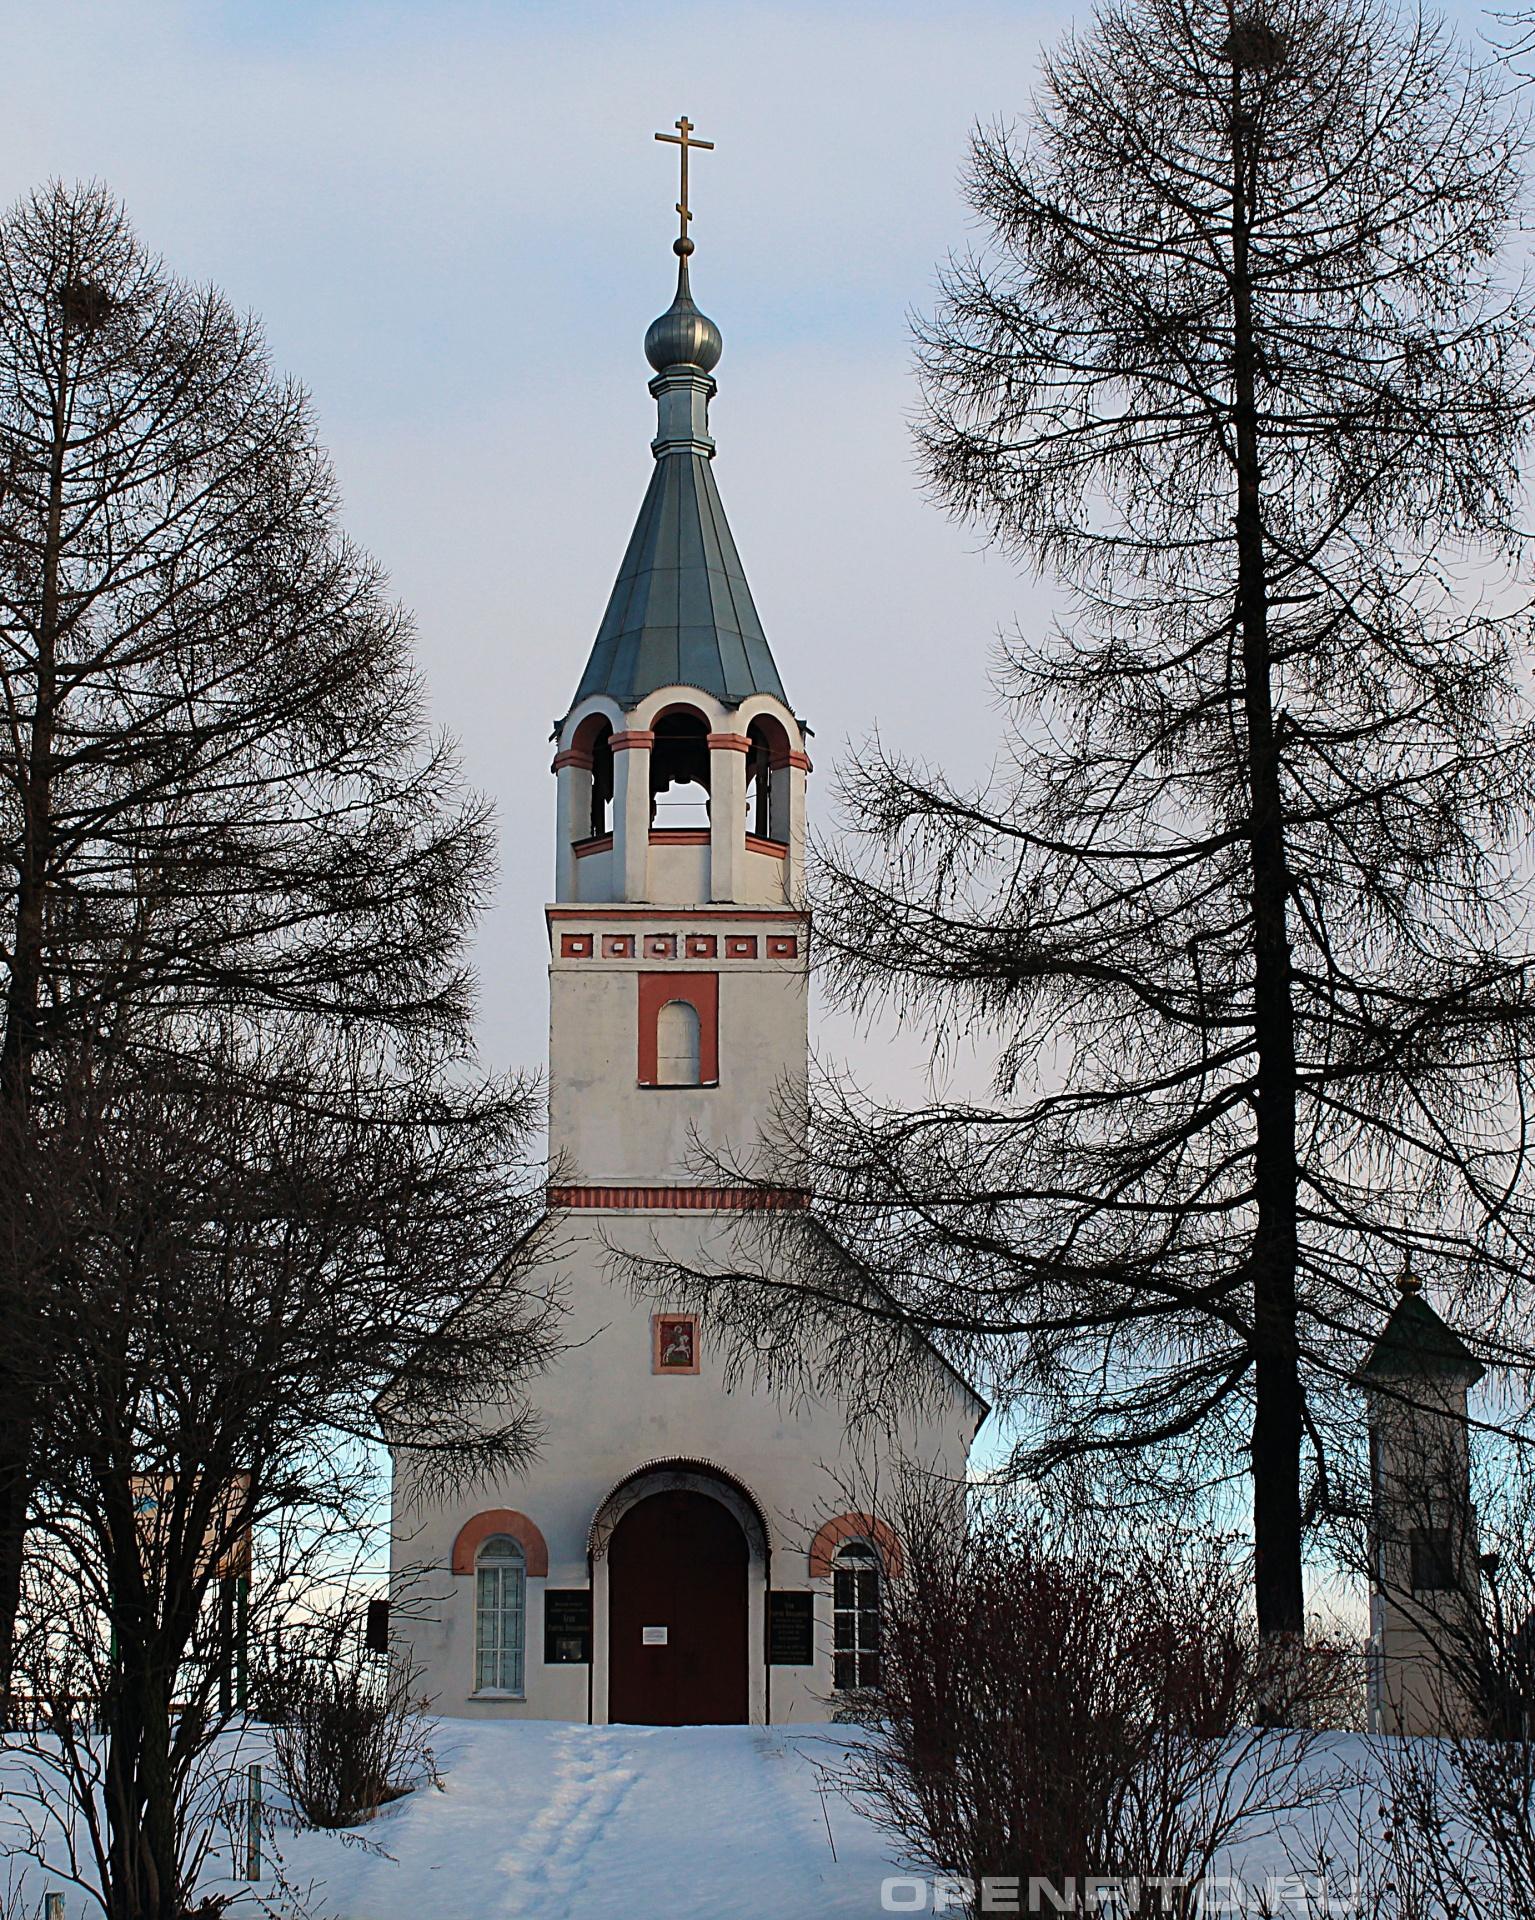 Храм святого Георгия Победоносца Владимирская область, Поклонная гора, храм святого Георгия Победоносца